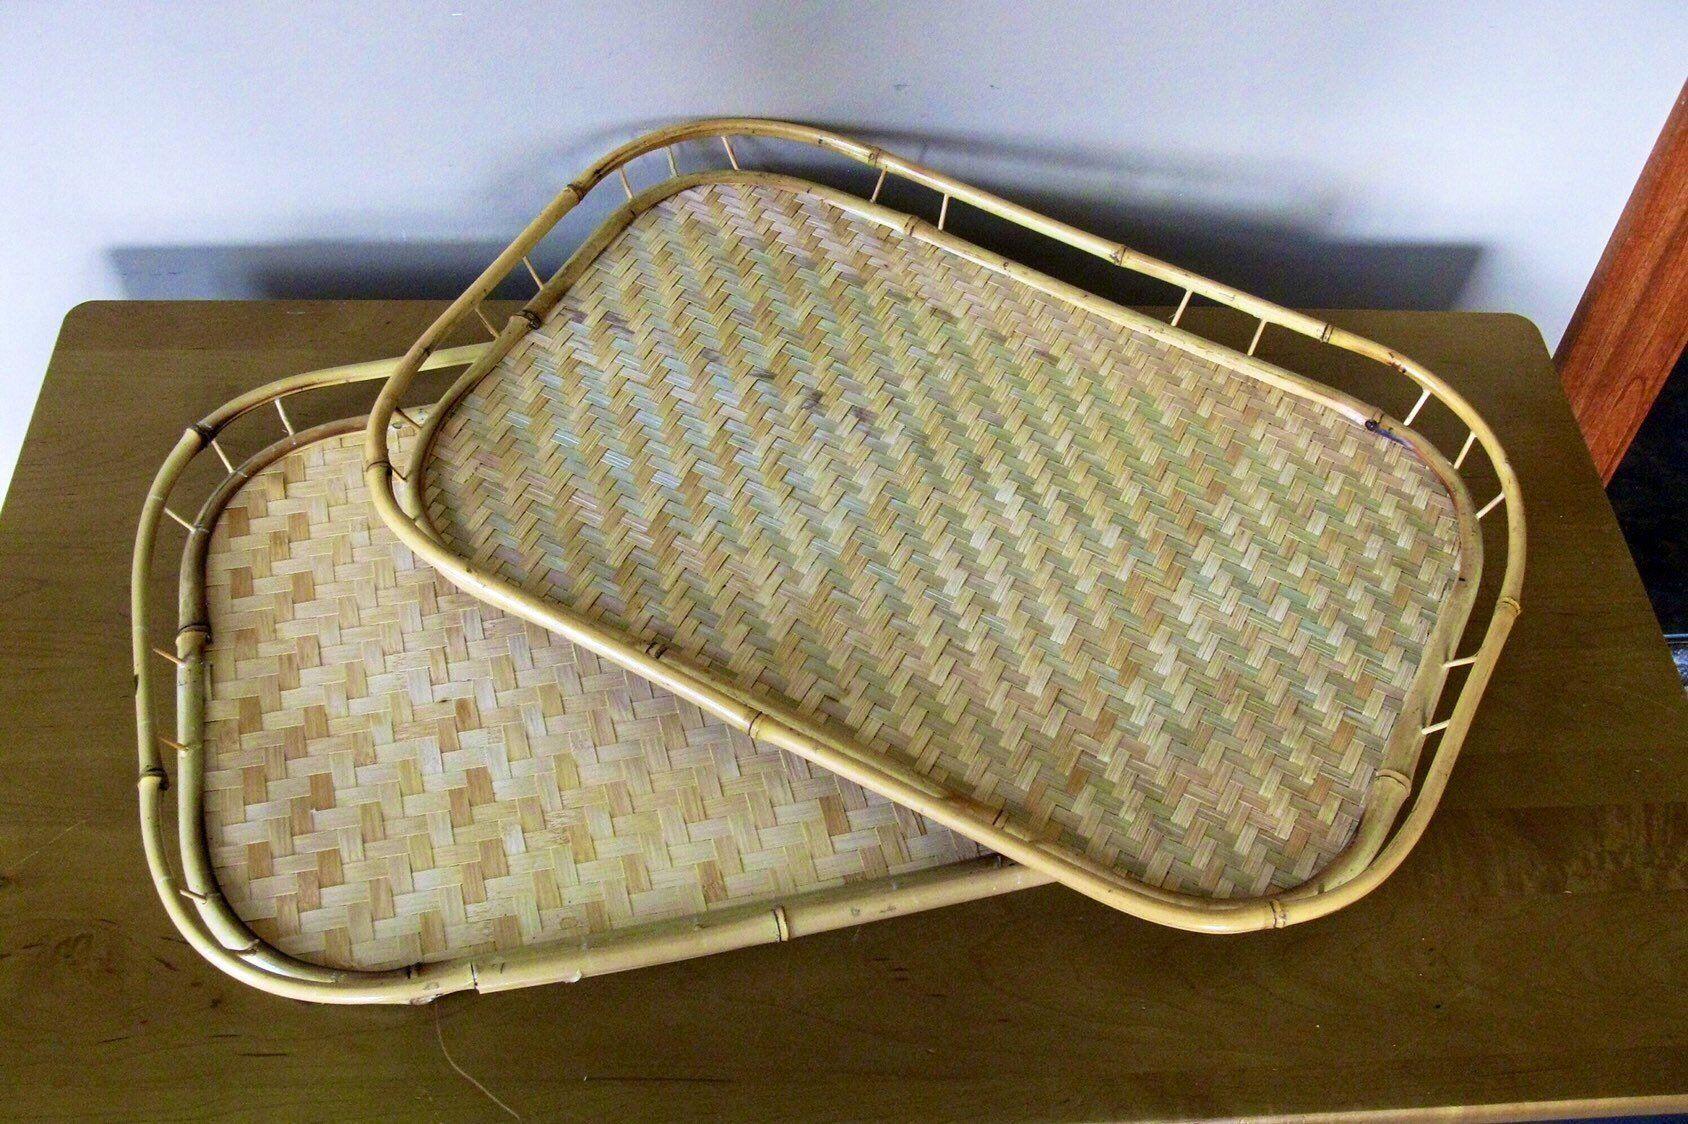 Set Of 2 Bamboo Trays Wicker Bed Breakfast Lap Trays Lap Tray Dinner Tray Wicker